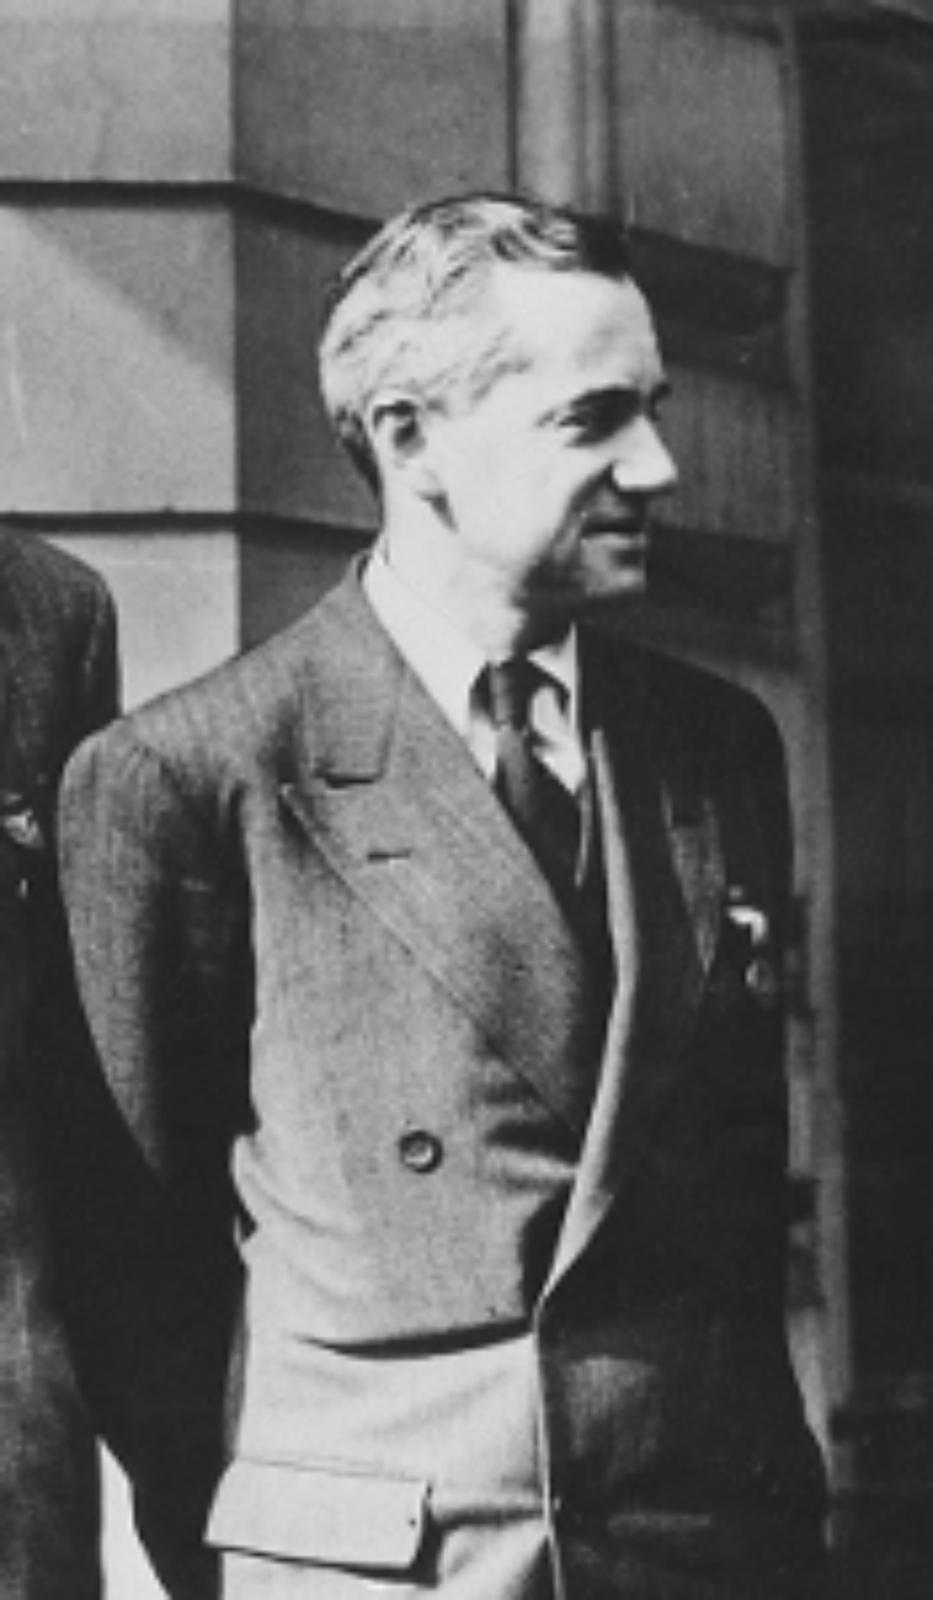 Zdjęcie przedstawia Otto Firscha. Fotografia czarno-biała. Na zdjęciu mężczyzna wwieku ok. 45 lat, szczupły. Zwrócony wbok, widoczny prawy profil. Czoło wysokie, włosy siwiejące. Nos duży. Mężczyzna delikatnie się uśmiecha. Uszy proporcjonalne, przylegające. Mężczyzna jest ubrany wtrzyczęściowy garnitur wprążki, białą koszulę oraz ciemny krawat.